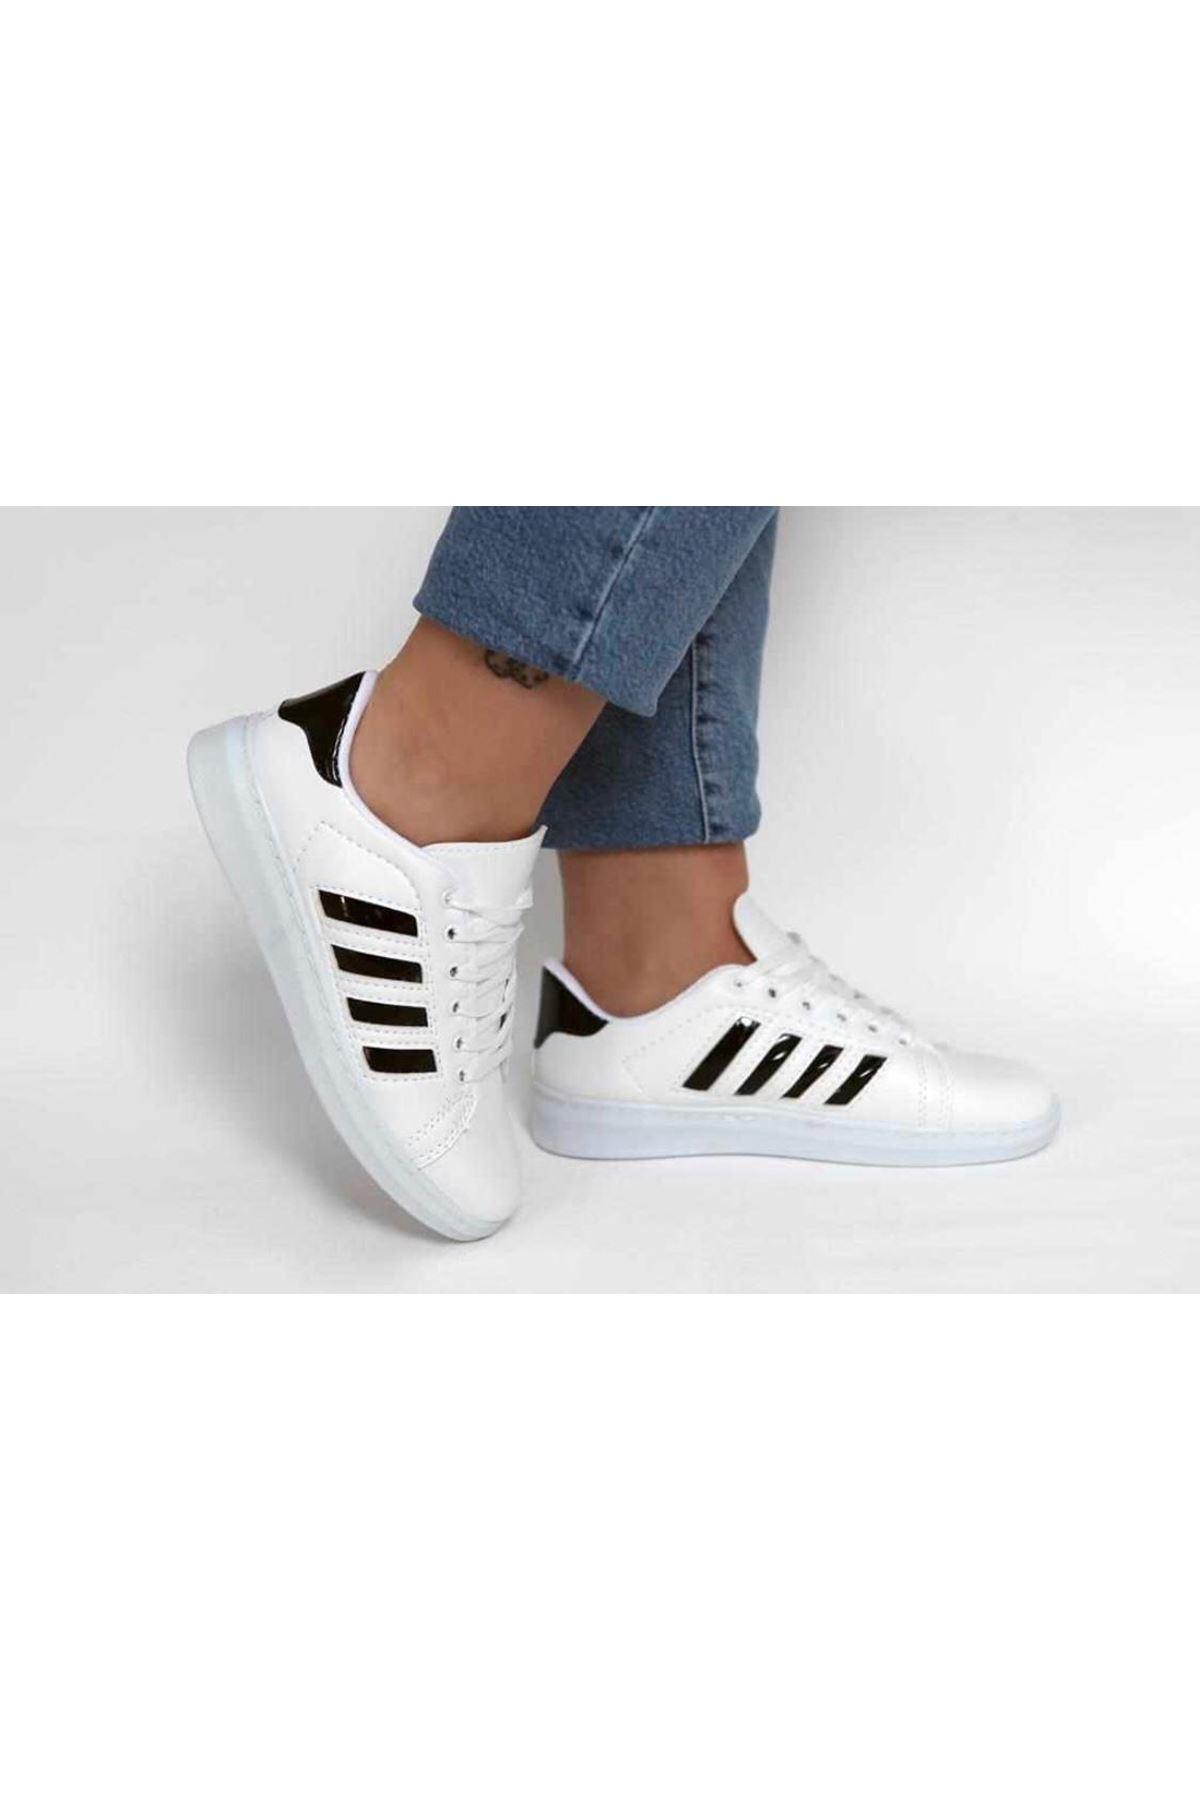 Süperstar Şeritli Spor Ayakkabı - Beyaz&Siyah